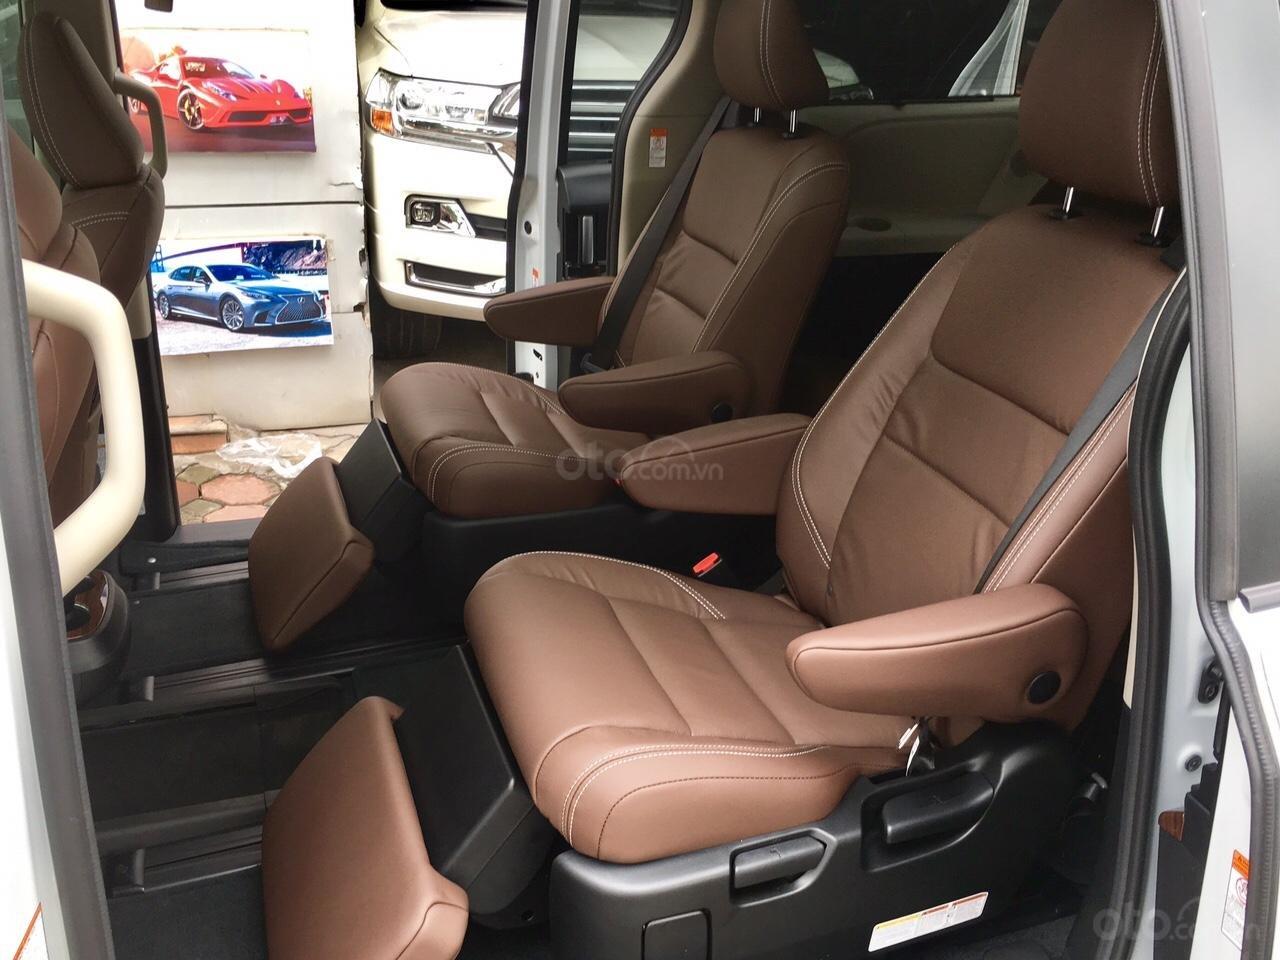 Bán Toyota Sienna Limited sản xuất 2019, mới 100%, đủ màu giao ngay, giá rẻ nhất -18